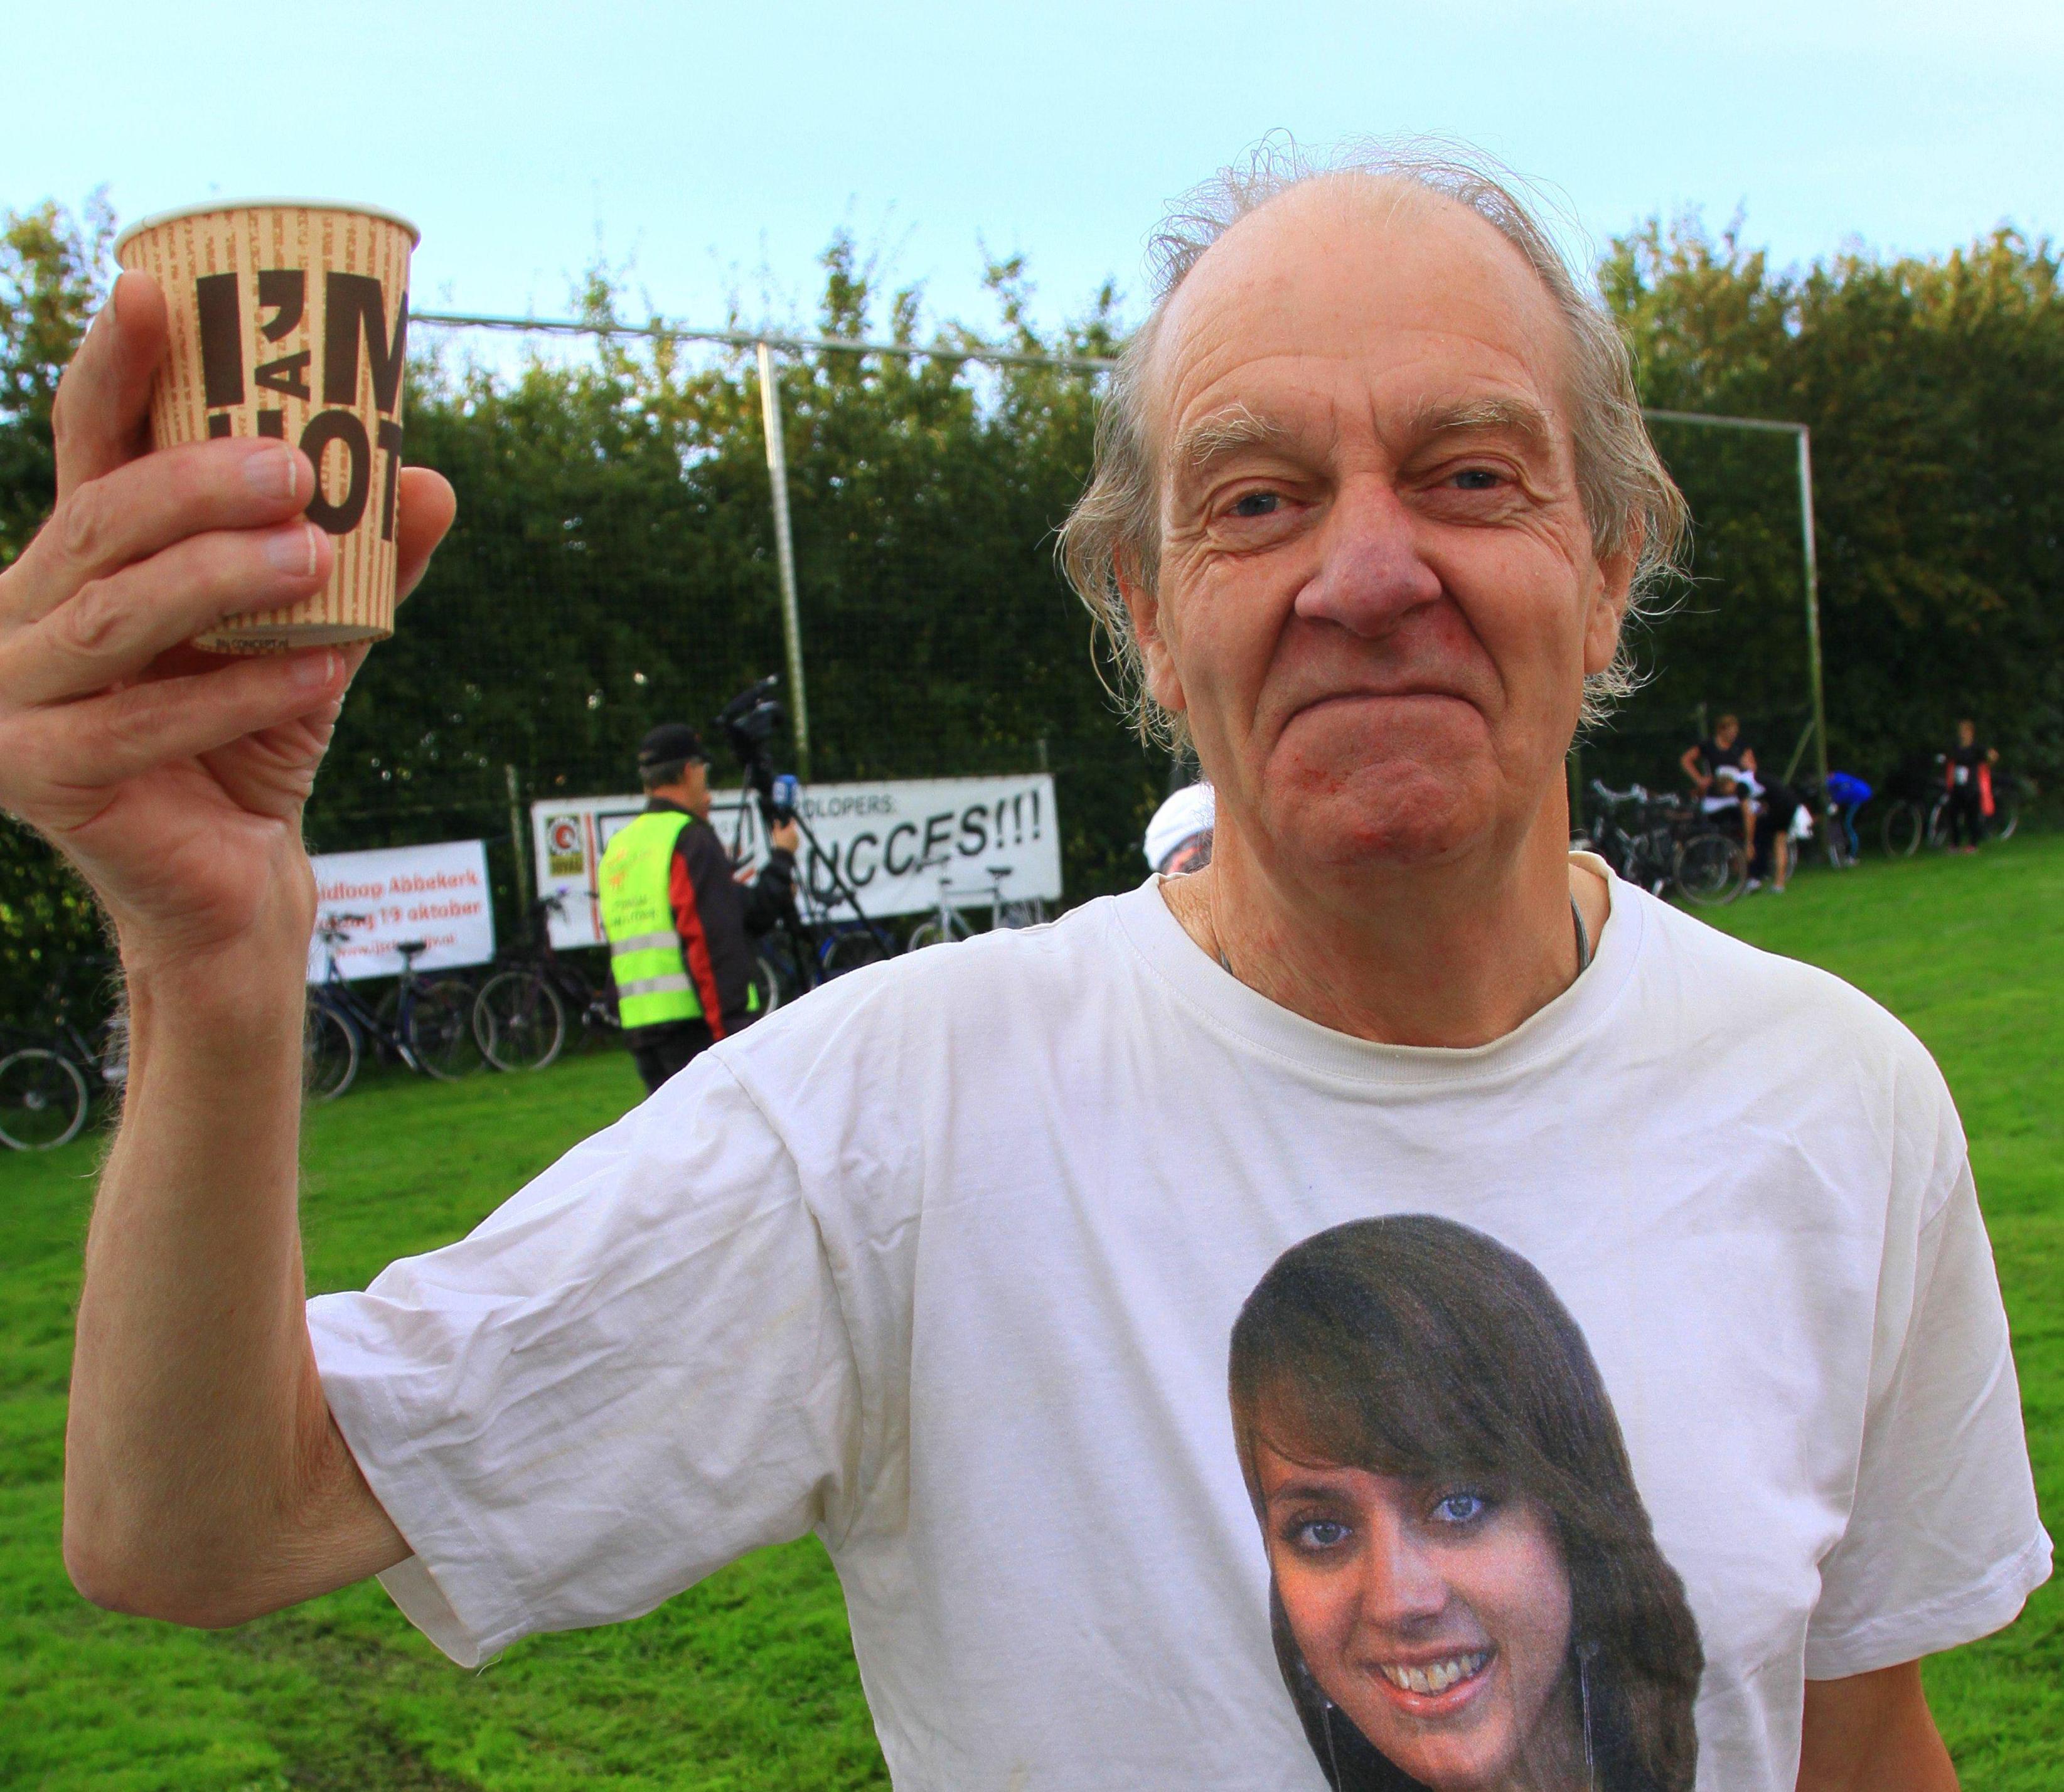 Larry Sadler leefde sober, maar nu blijkt dat hij stilletjes tonnen weggaf aan goede doelen